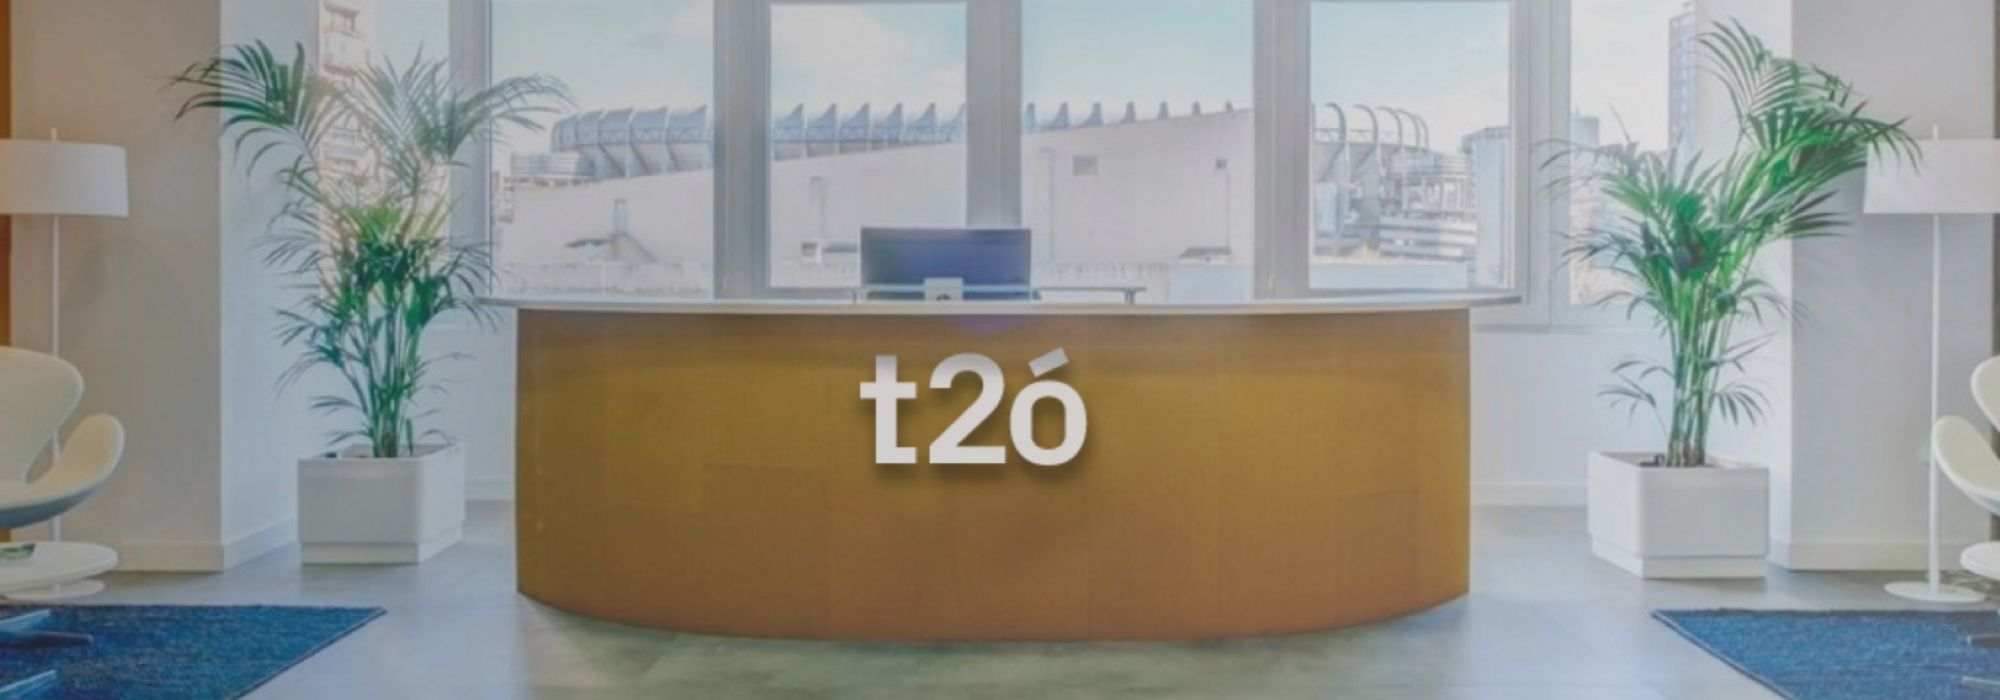 Recepción oficinas t2ó